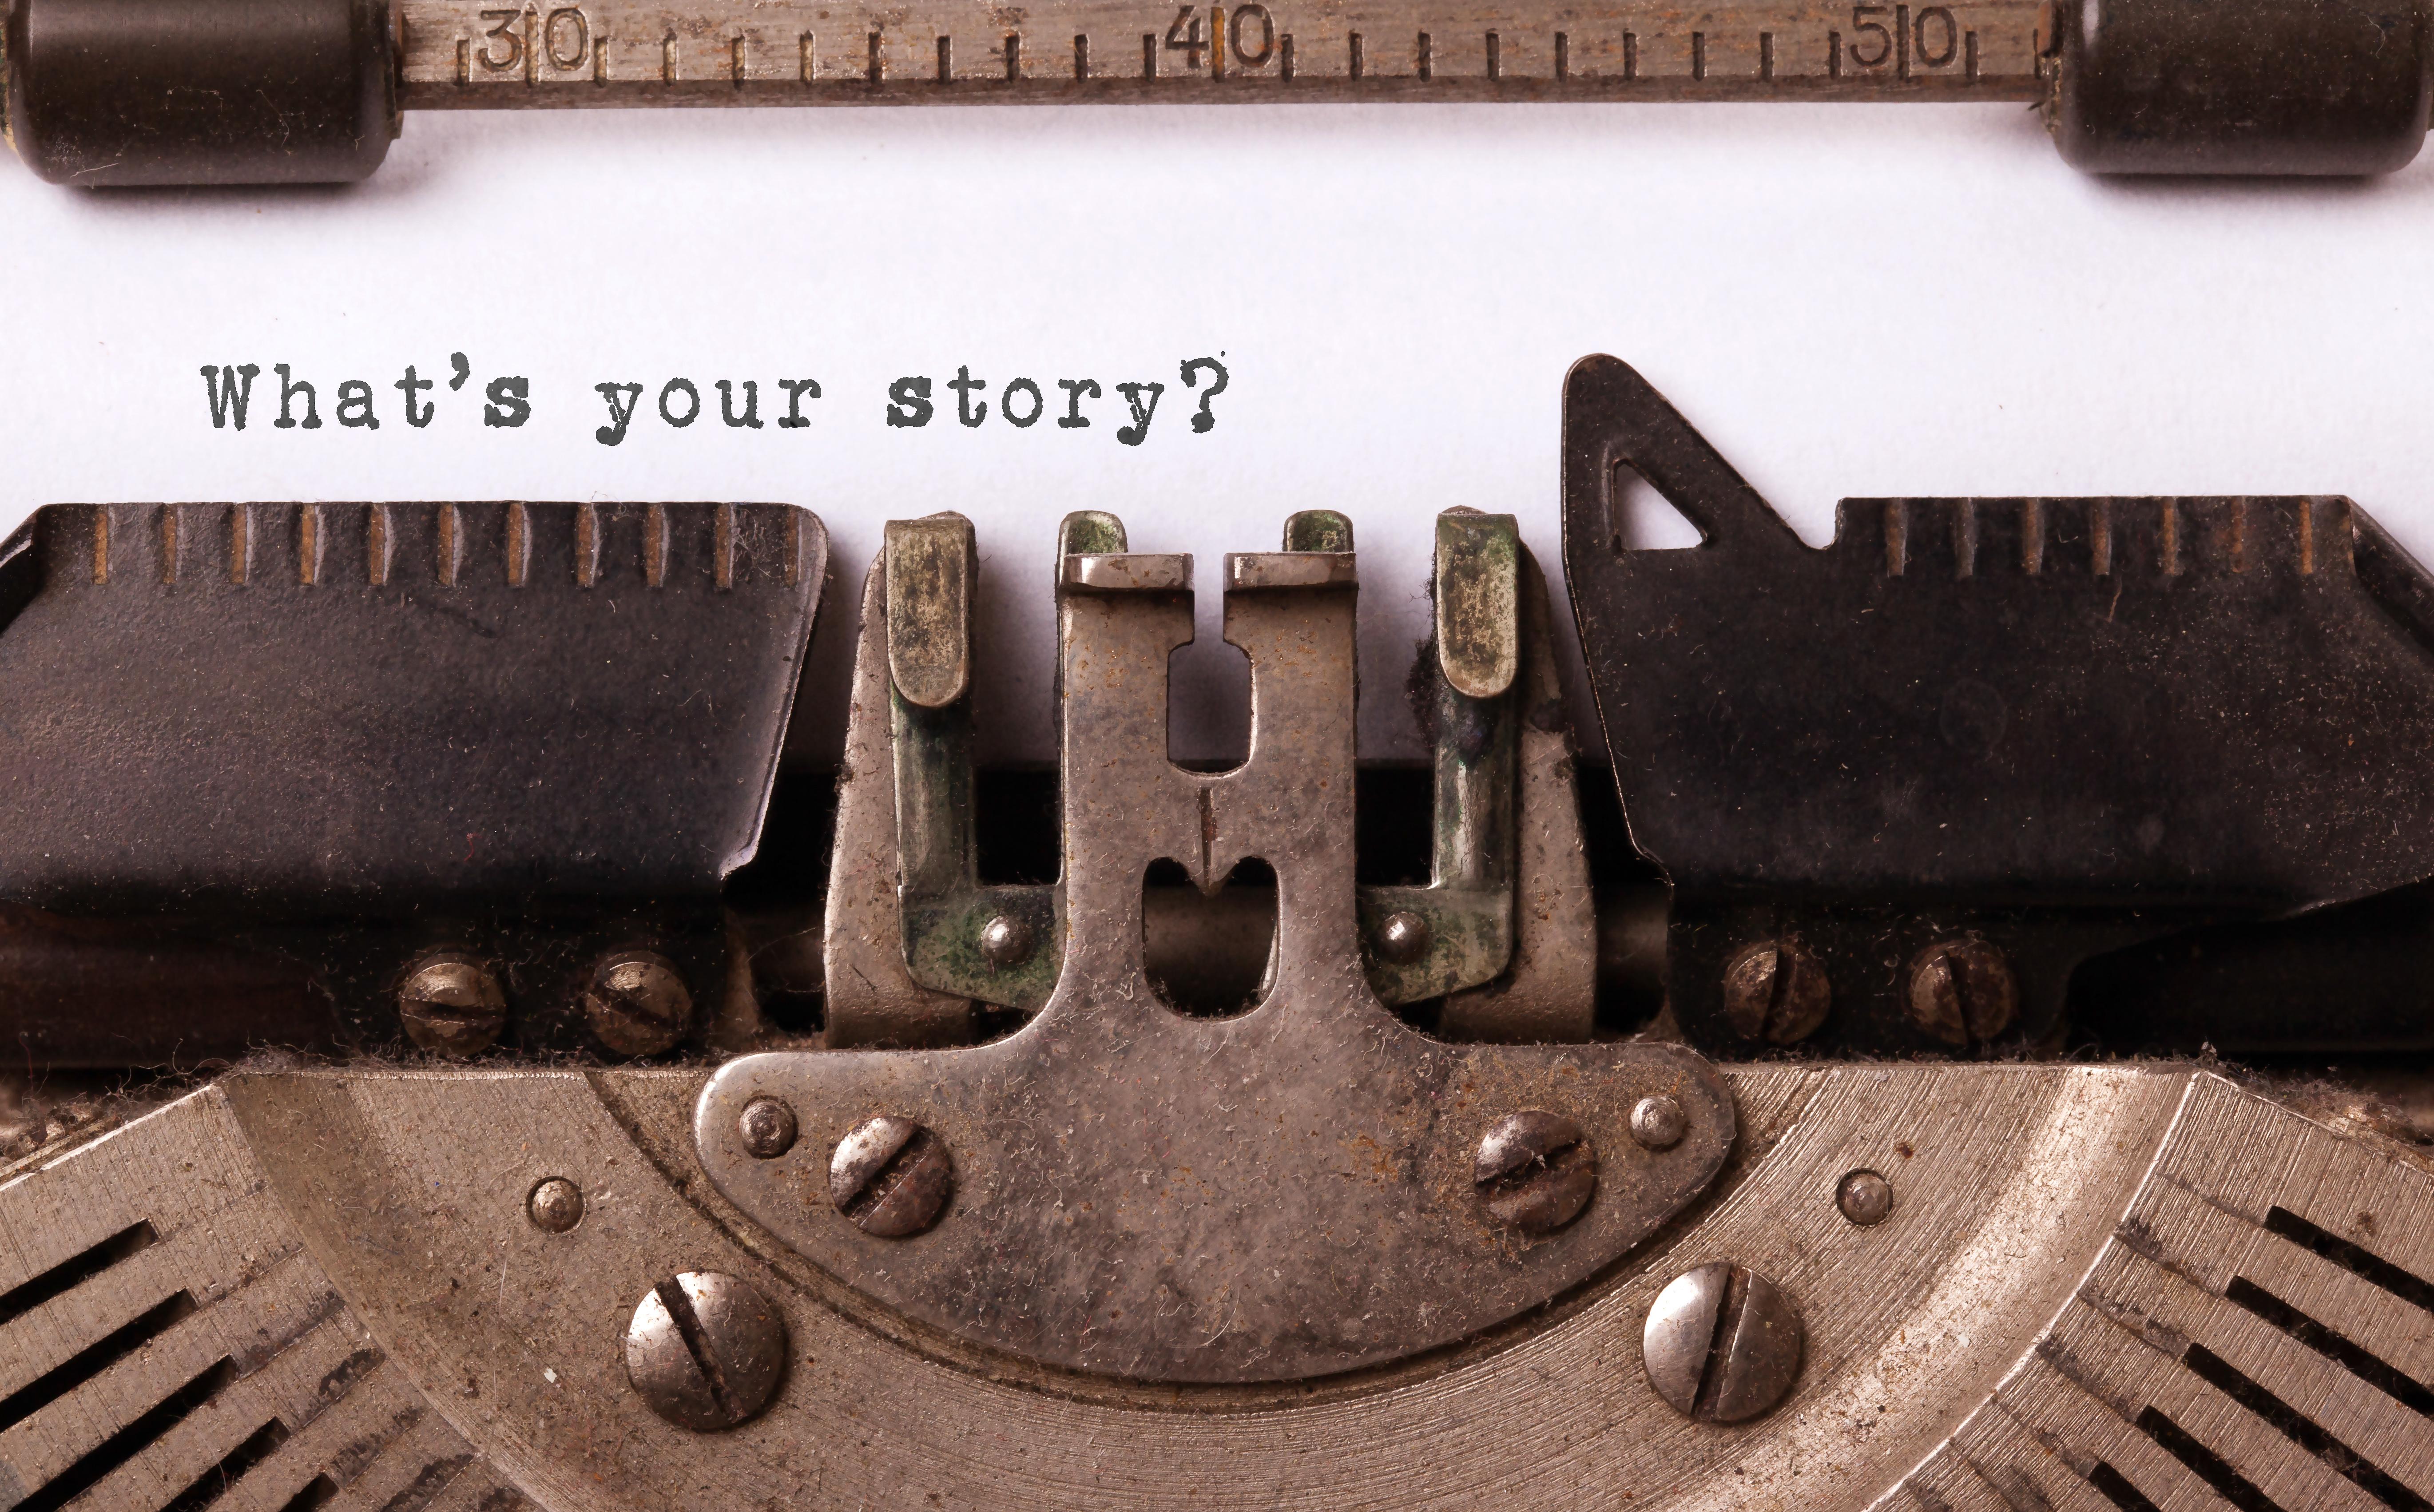 Storybuilding & Storytelling - ein unverzichtbares Instrument im Marketing & Selbstmarketing: Mit der richtigen Story Botschaften verankern und gewinnen